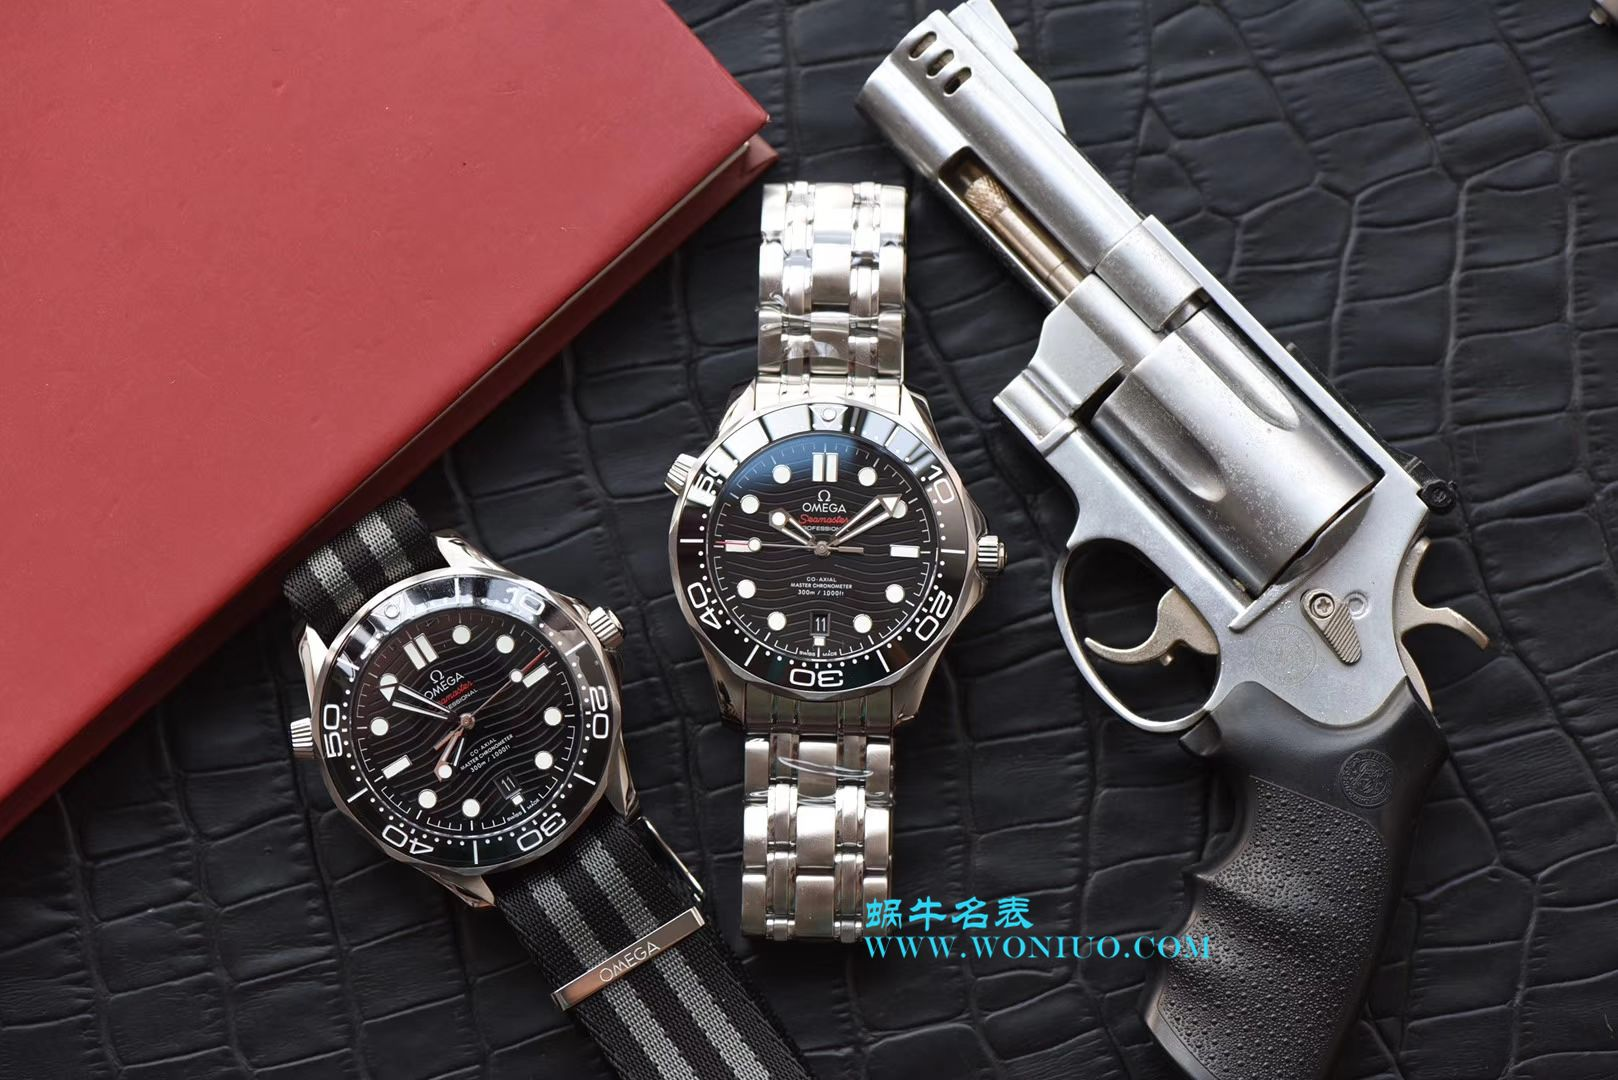 【VS一比一超A高仿手表】欧米茄海马系列210.30.42.20.01.001腕表